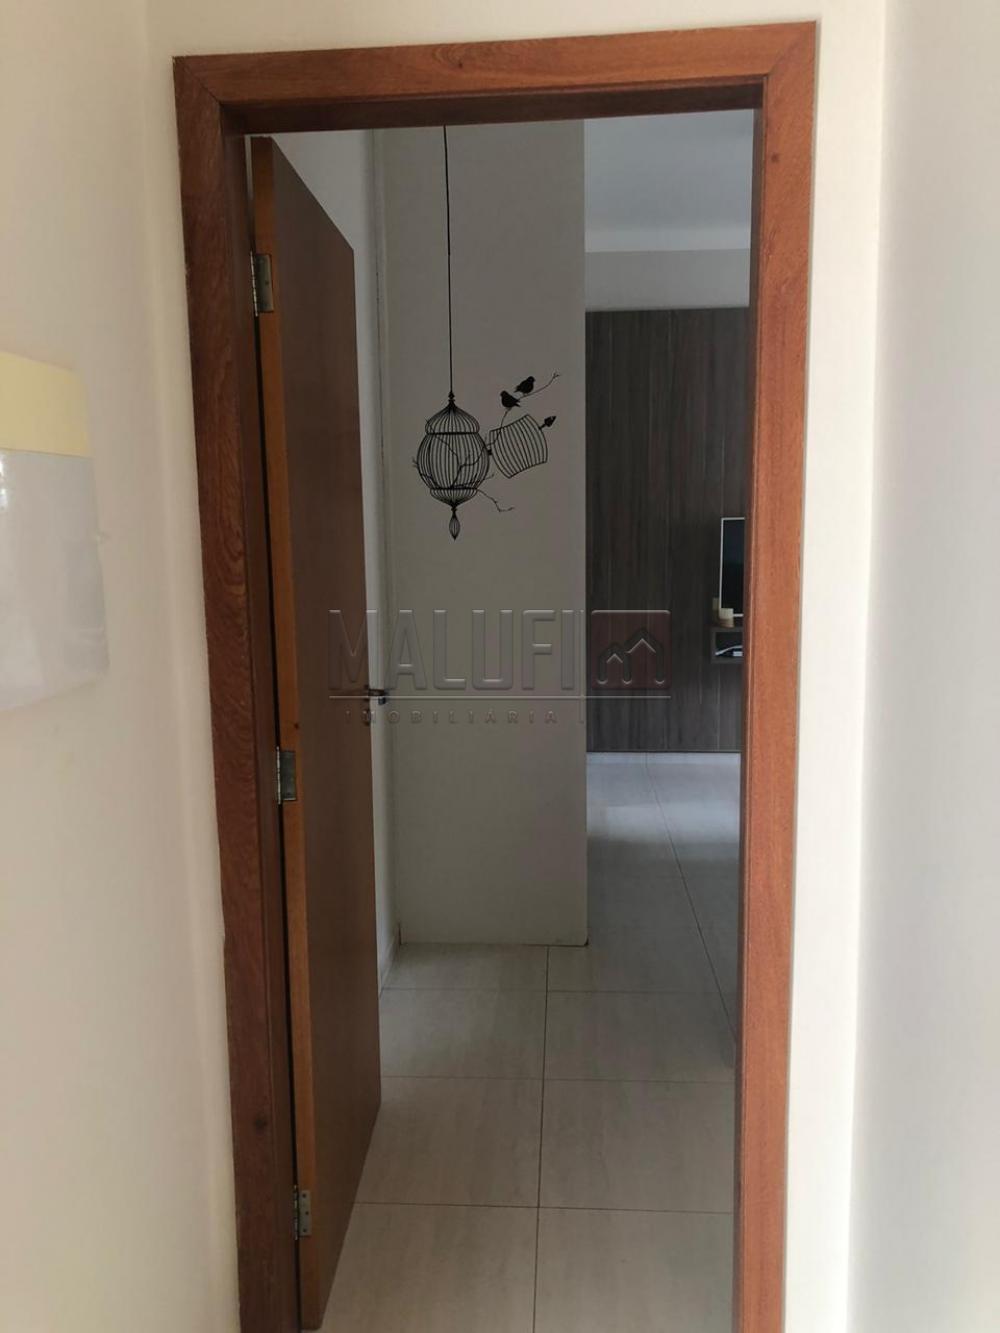 Alugar Casas / Condomínio em Olímpia apenas R$ 3.300,00 - Foto 4